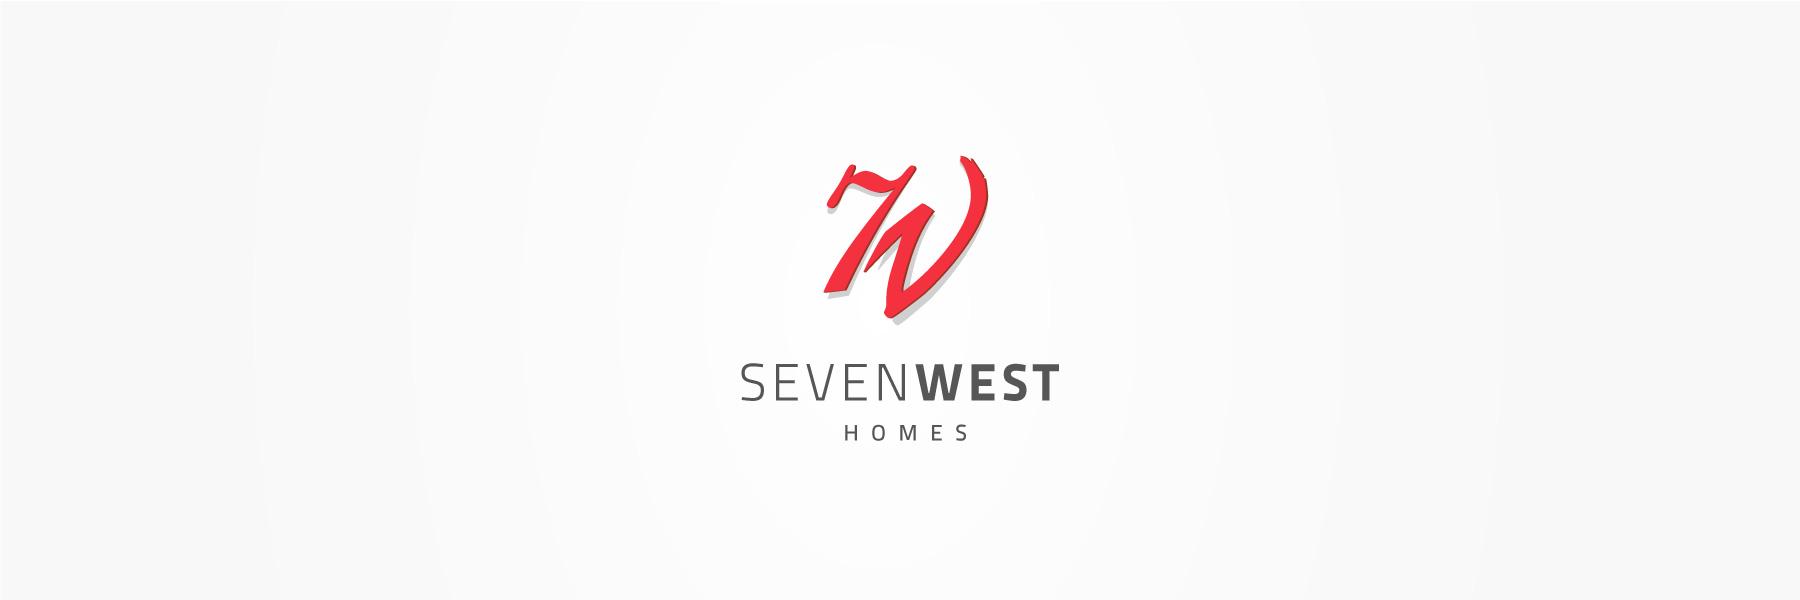 Seven-West-Homes-Logo-Design